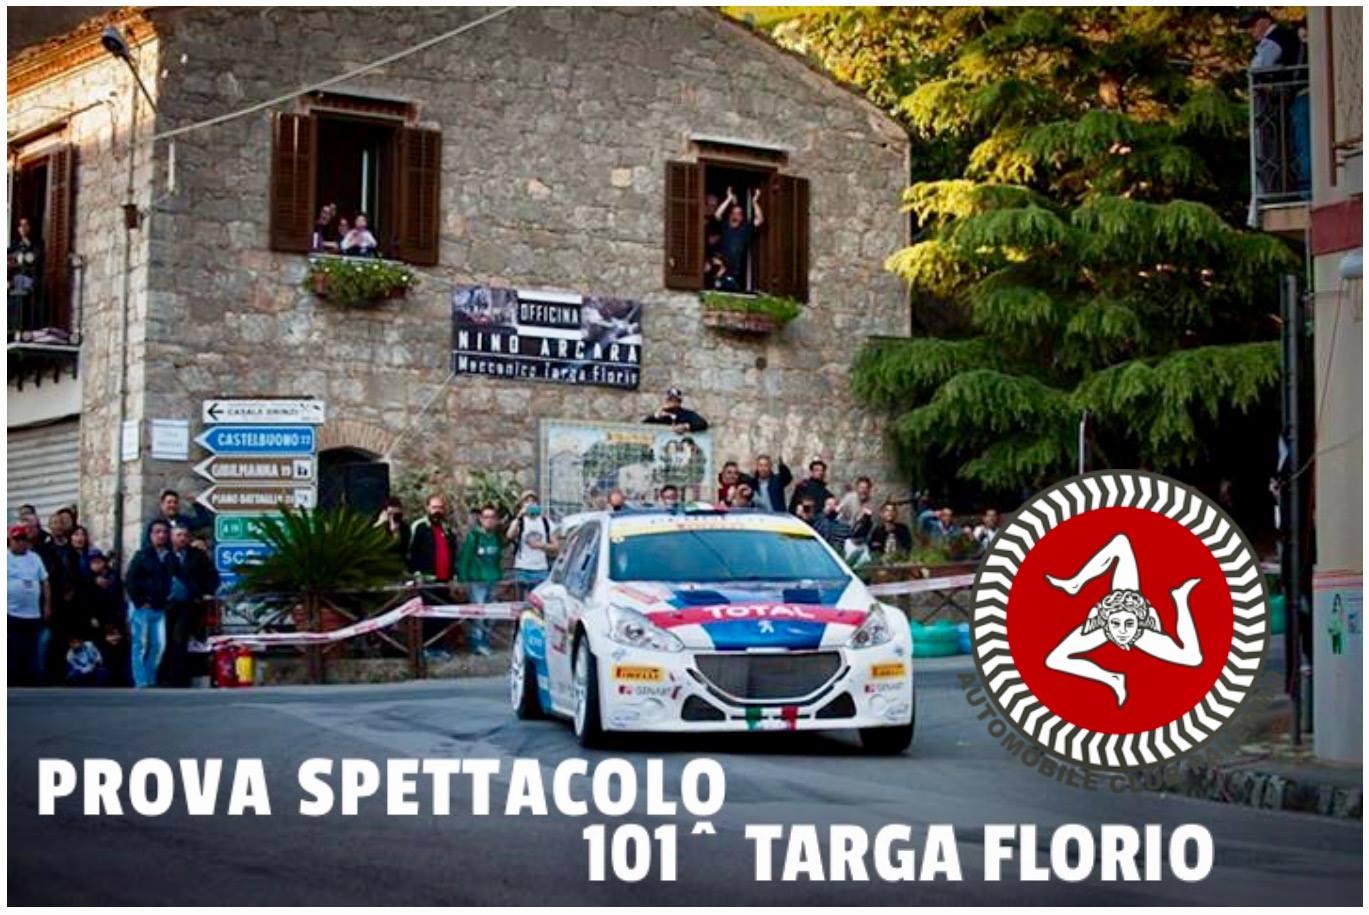 Targa Florio: torna la Prova Spettacolo a Collesano